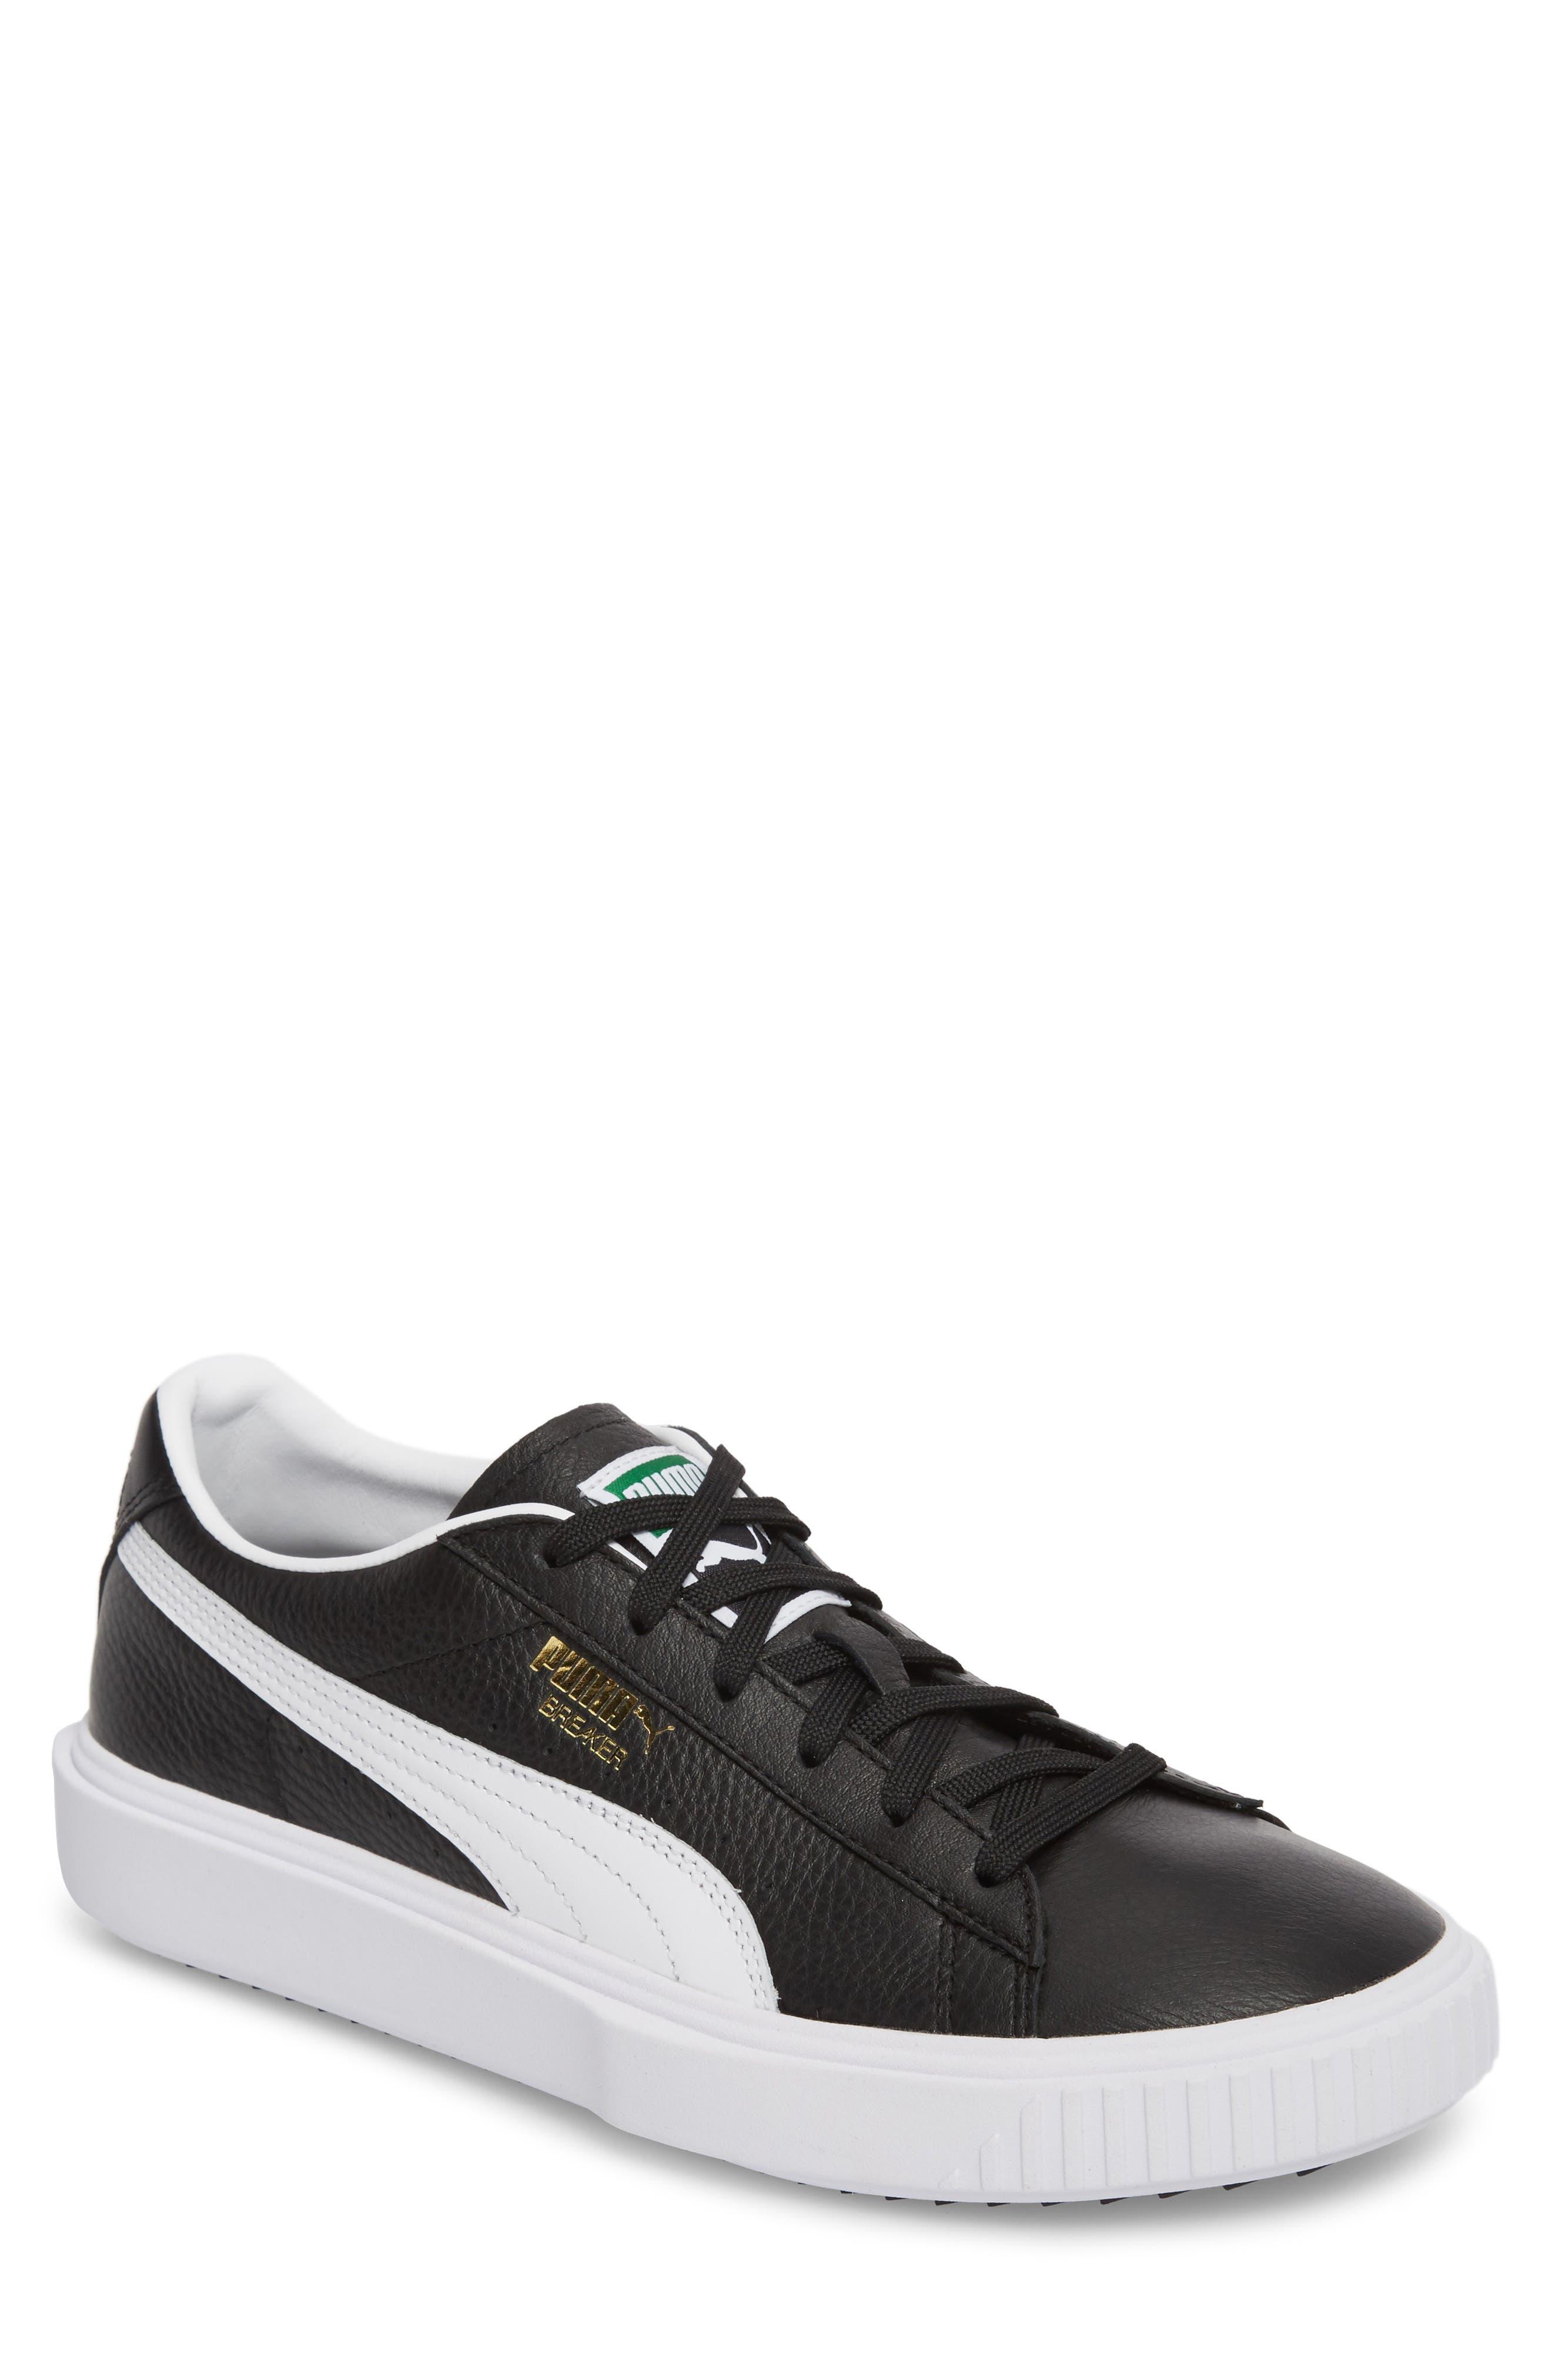 Breaker Low Top Sneaker,                             Main thumbnail 1, color,                             001